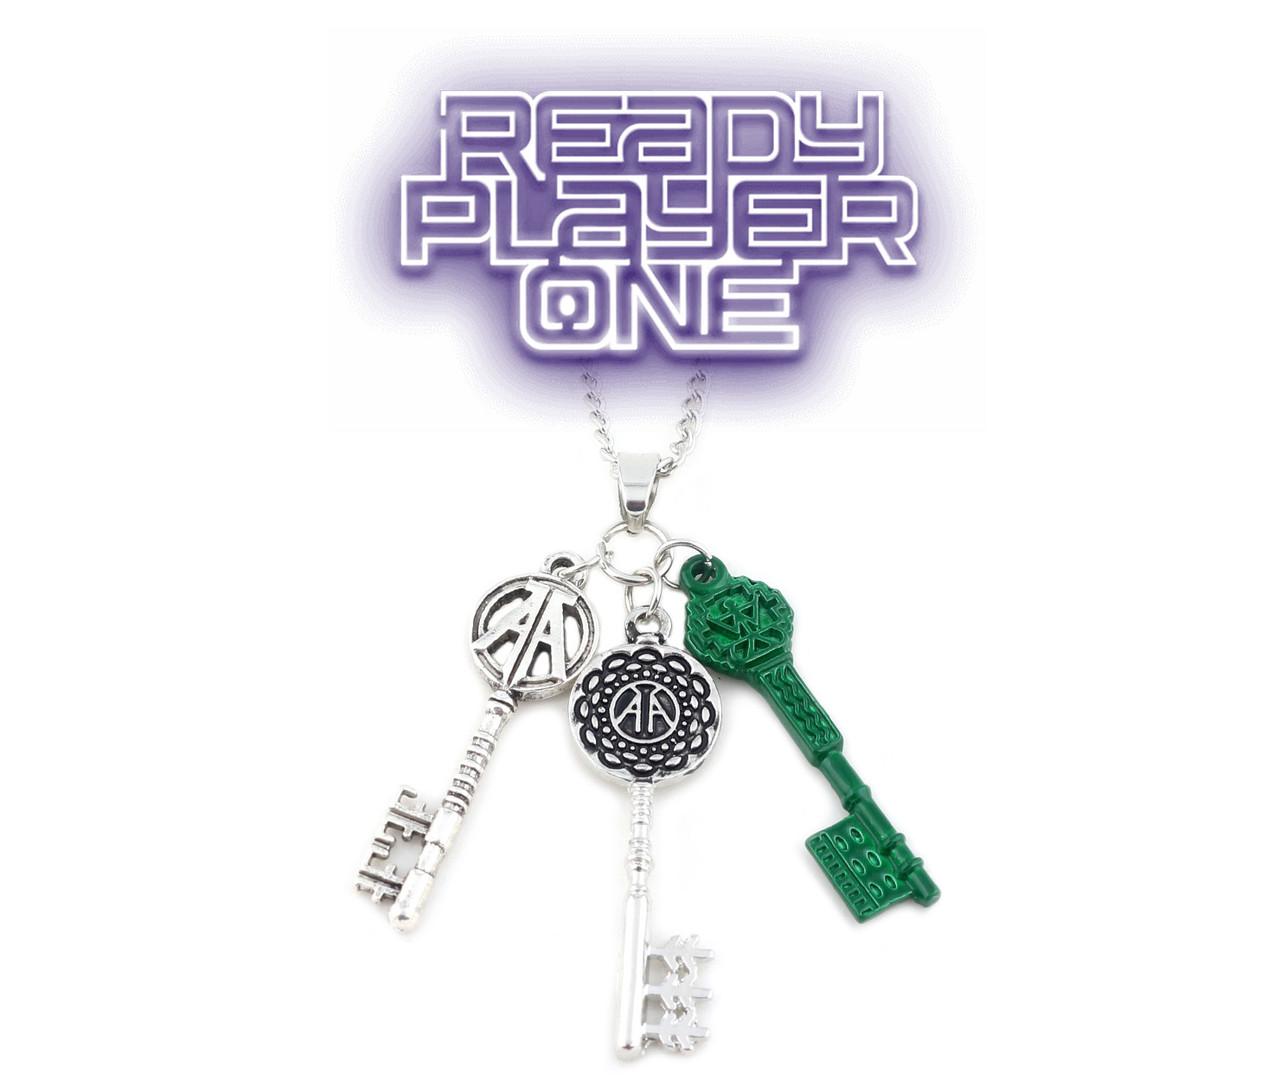 Кулон ключи первому игроку приготовиться Ready player one